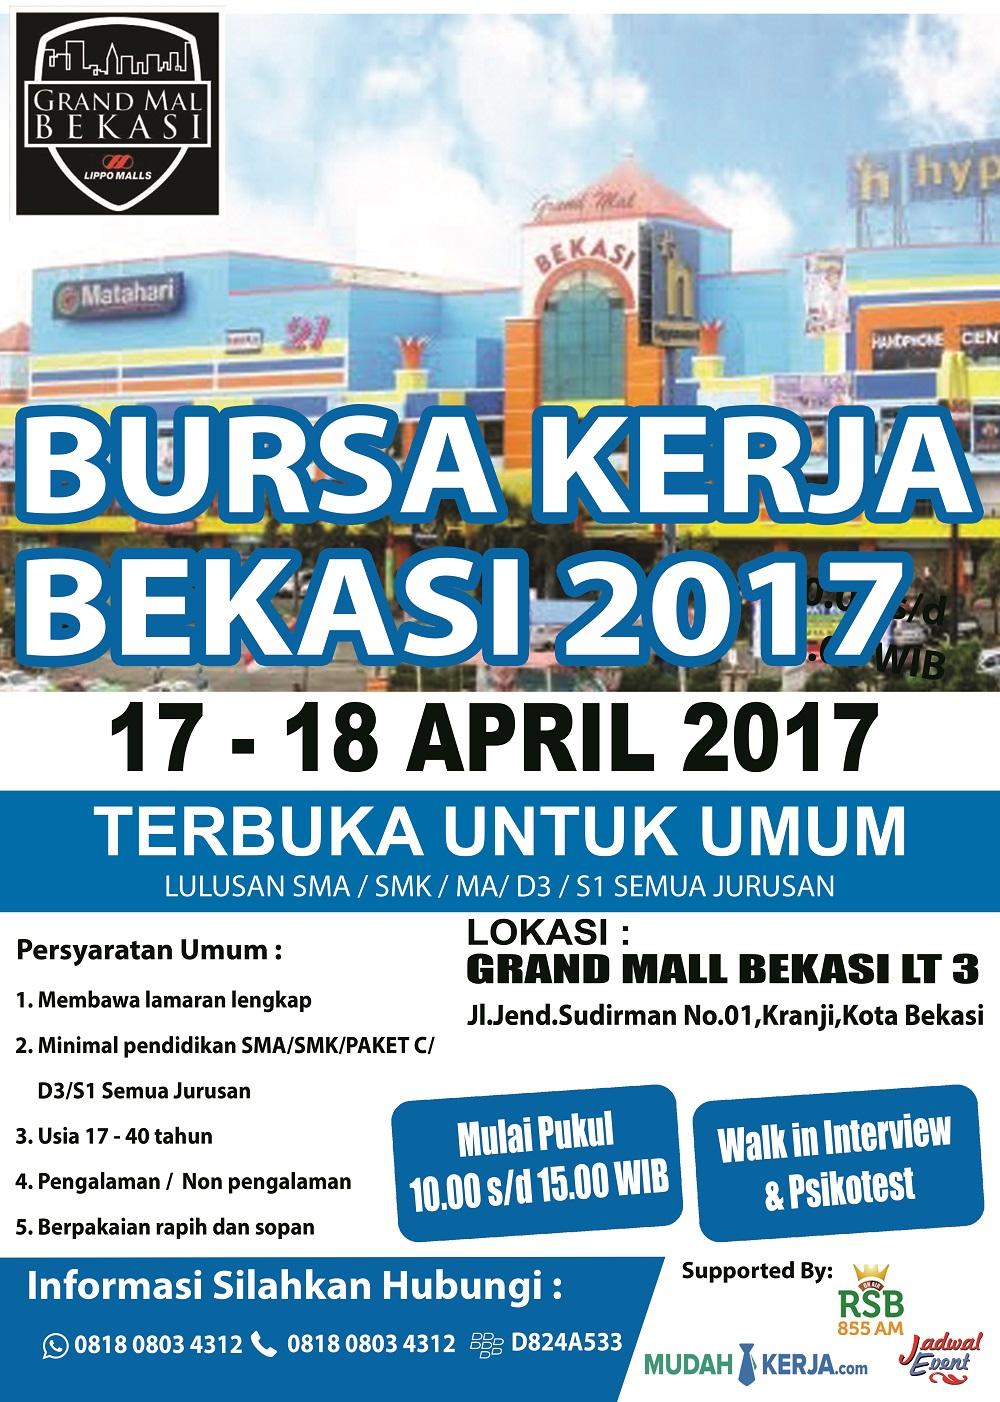 [17-18 April 2017] BURSA LOWONGAN KERJA BEKASI - Info ...